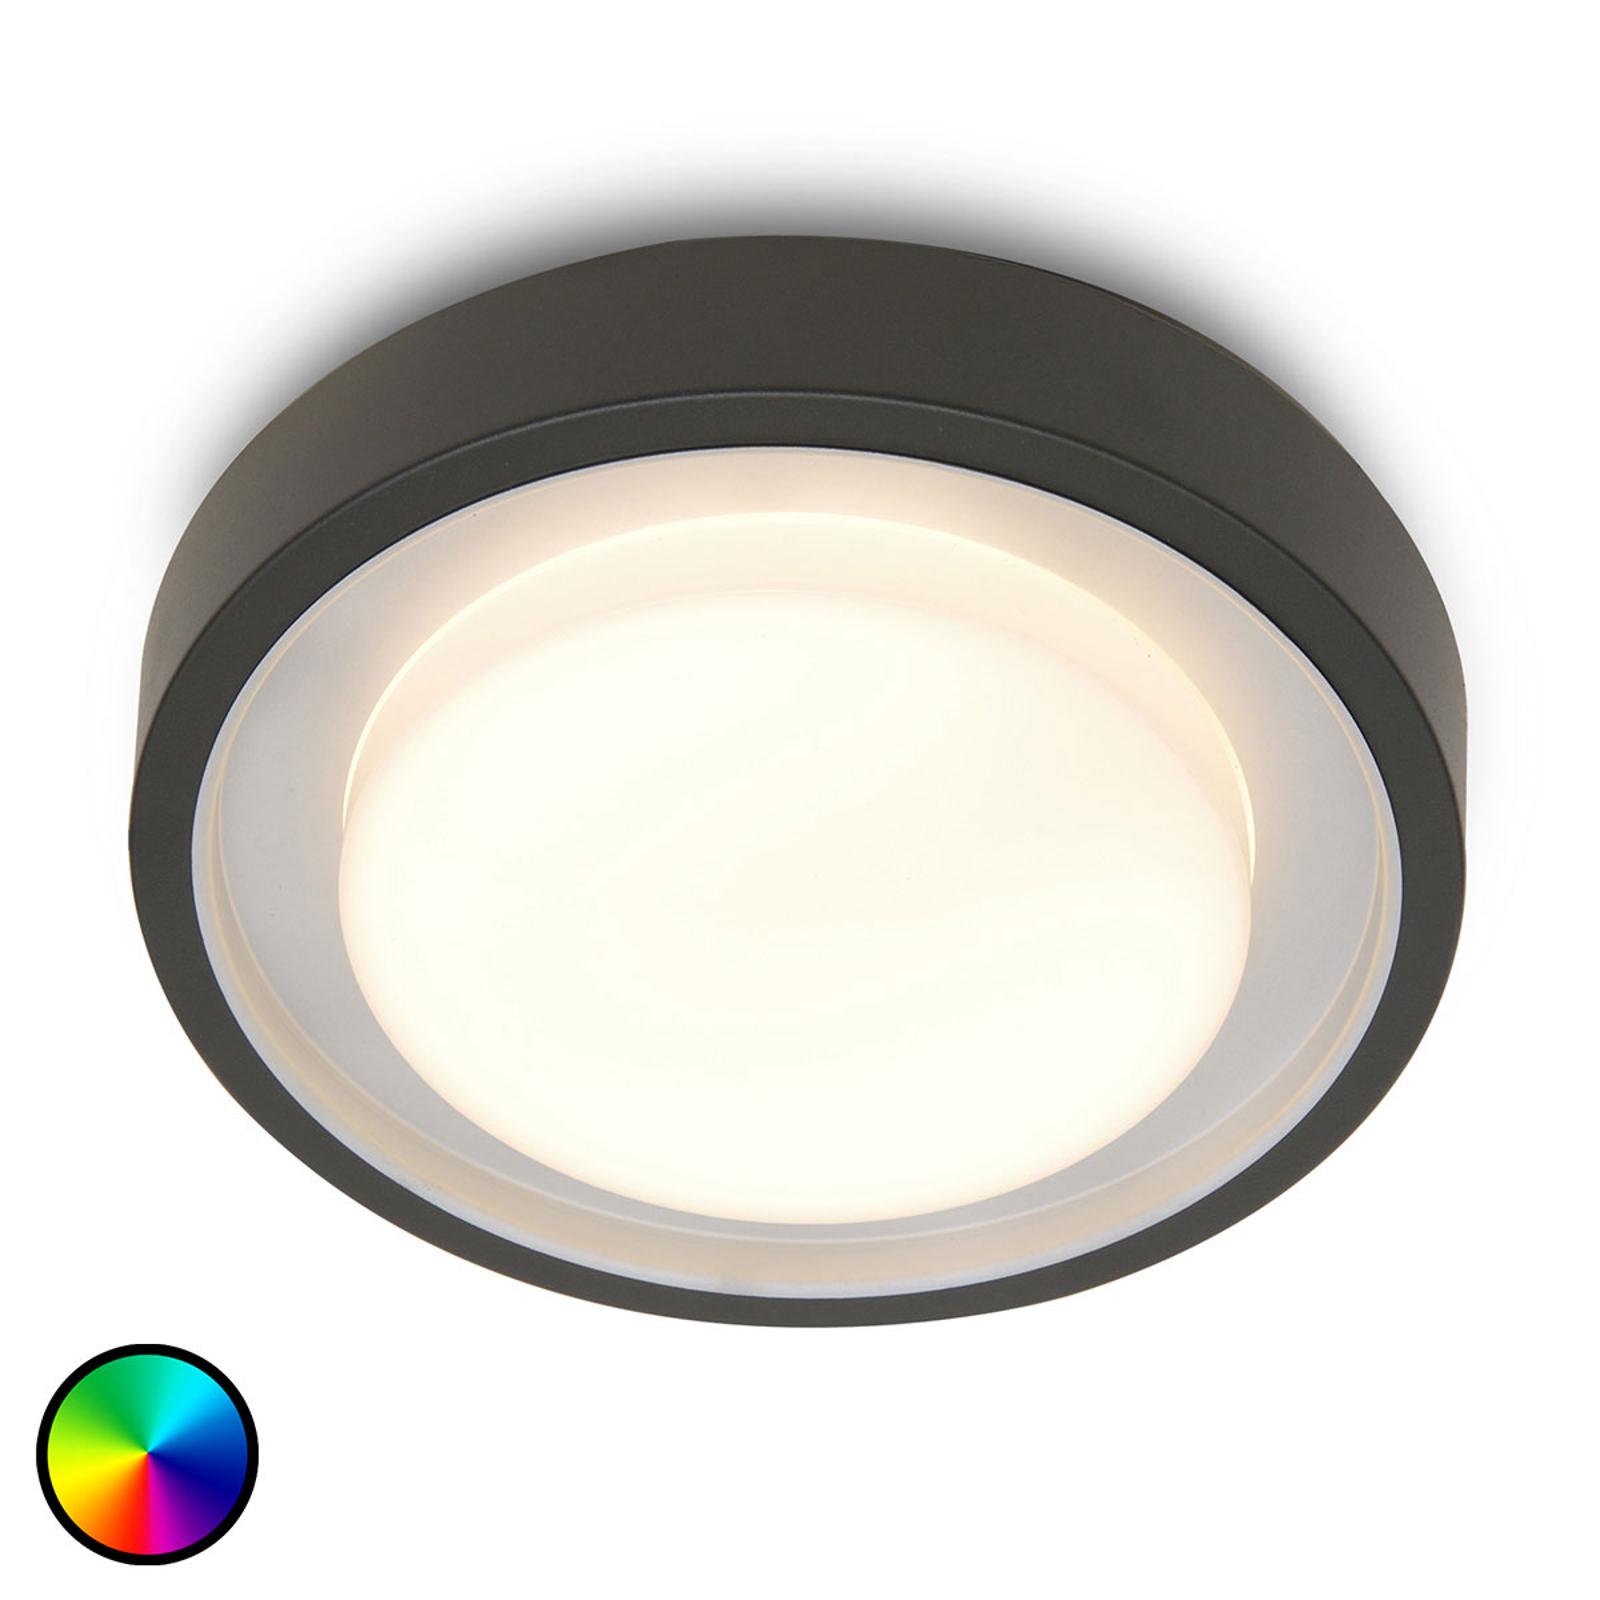 WiZ luminaire d'extérieur LED Origo